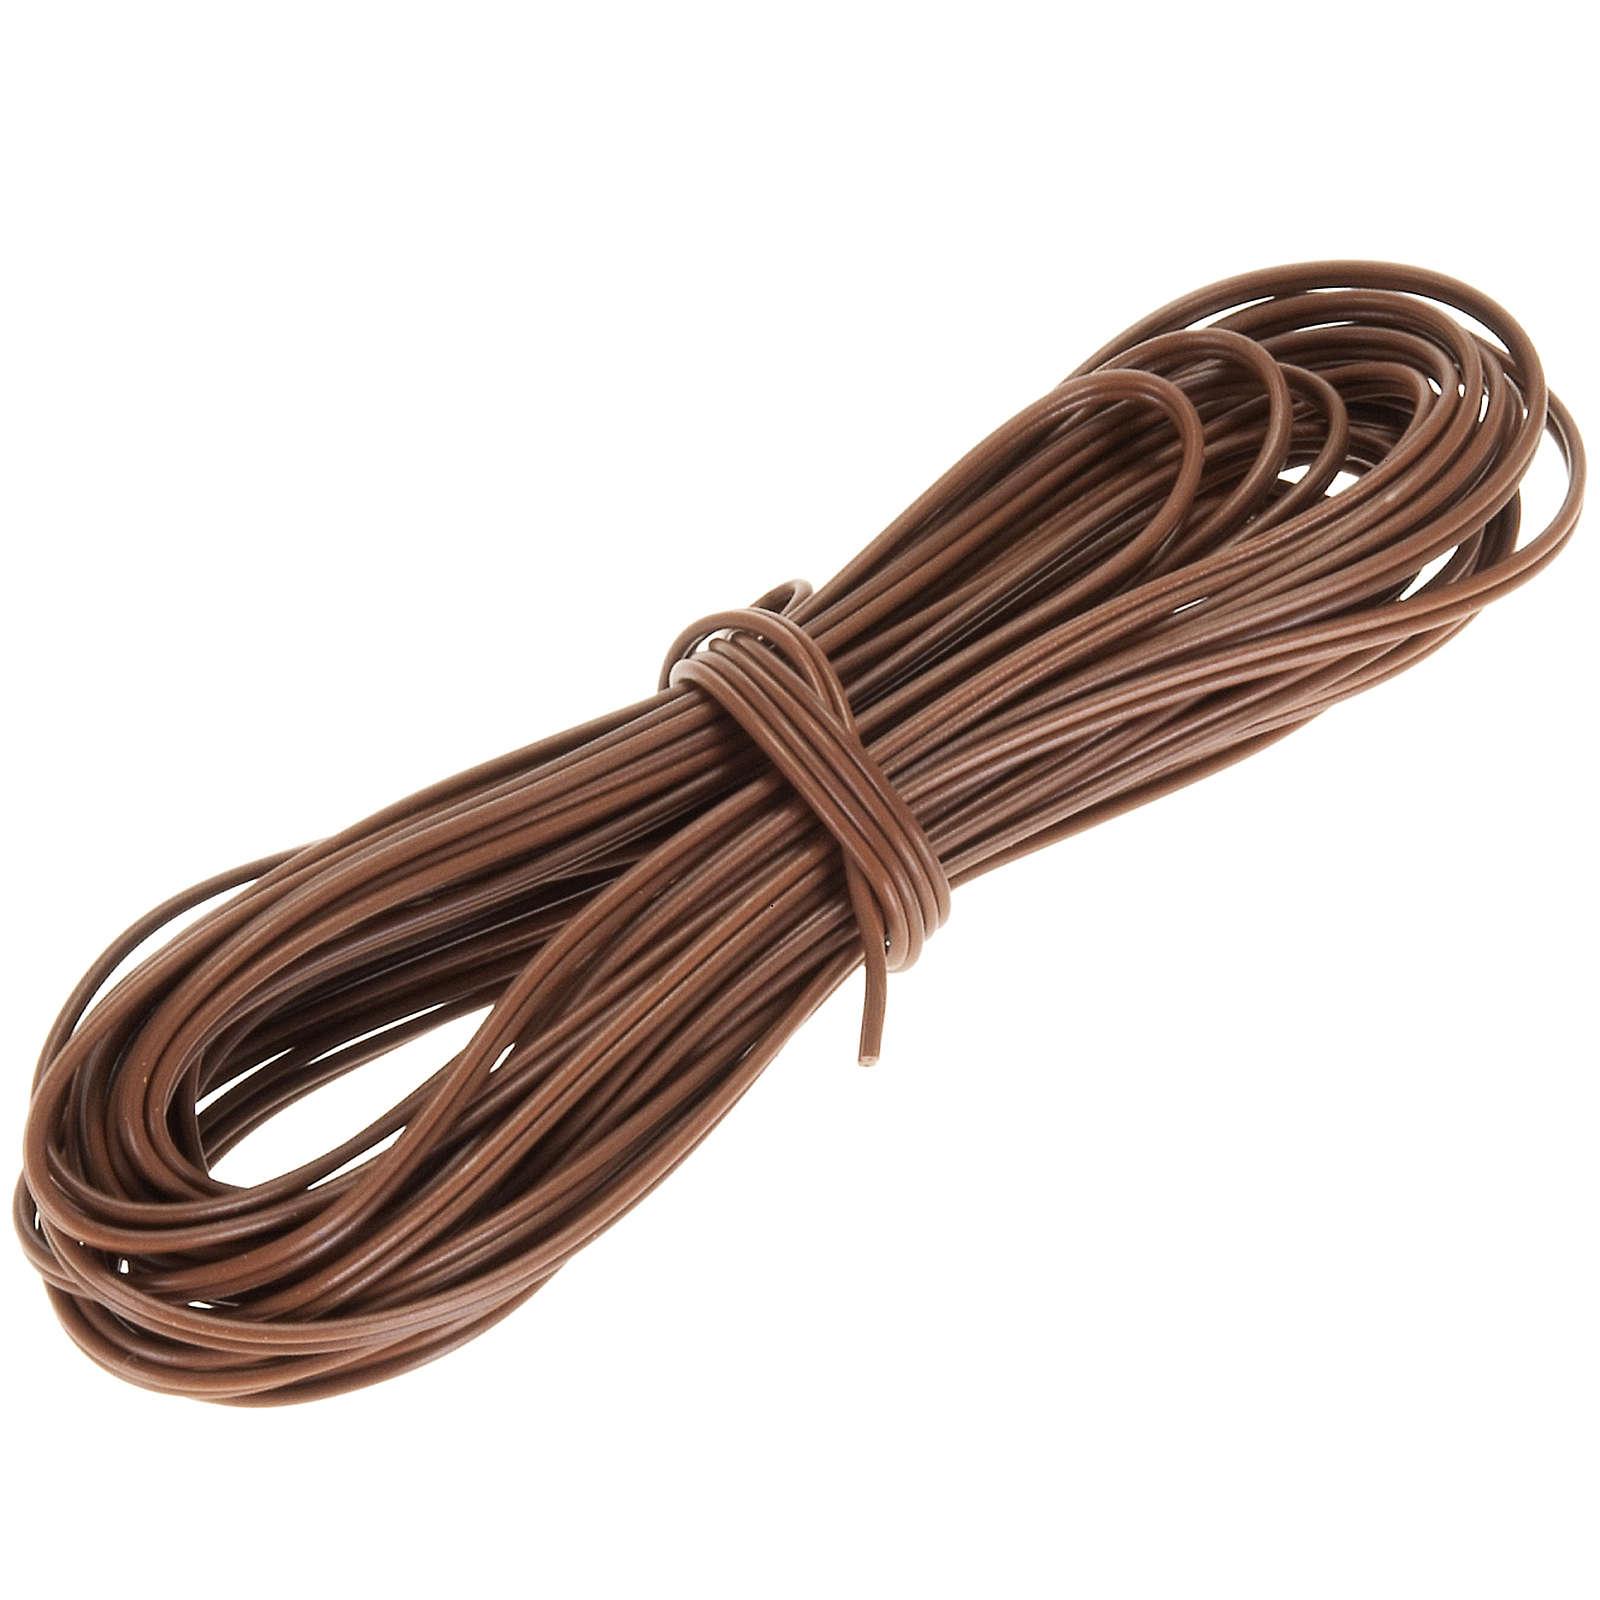 Cable de hilo eléctrico marrón 5 m. 4